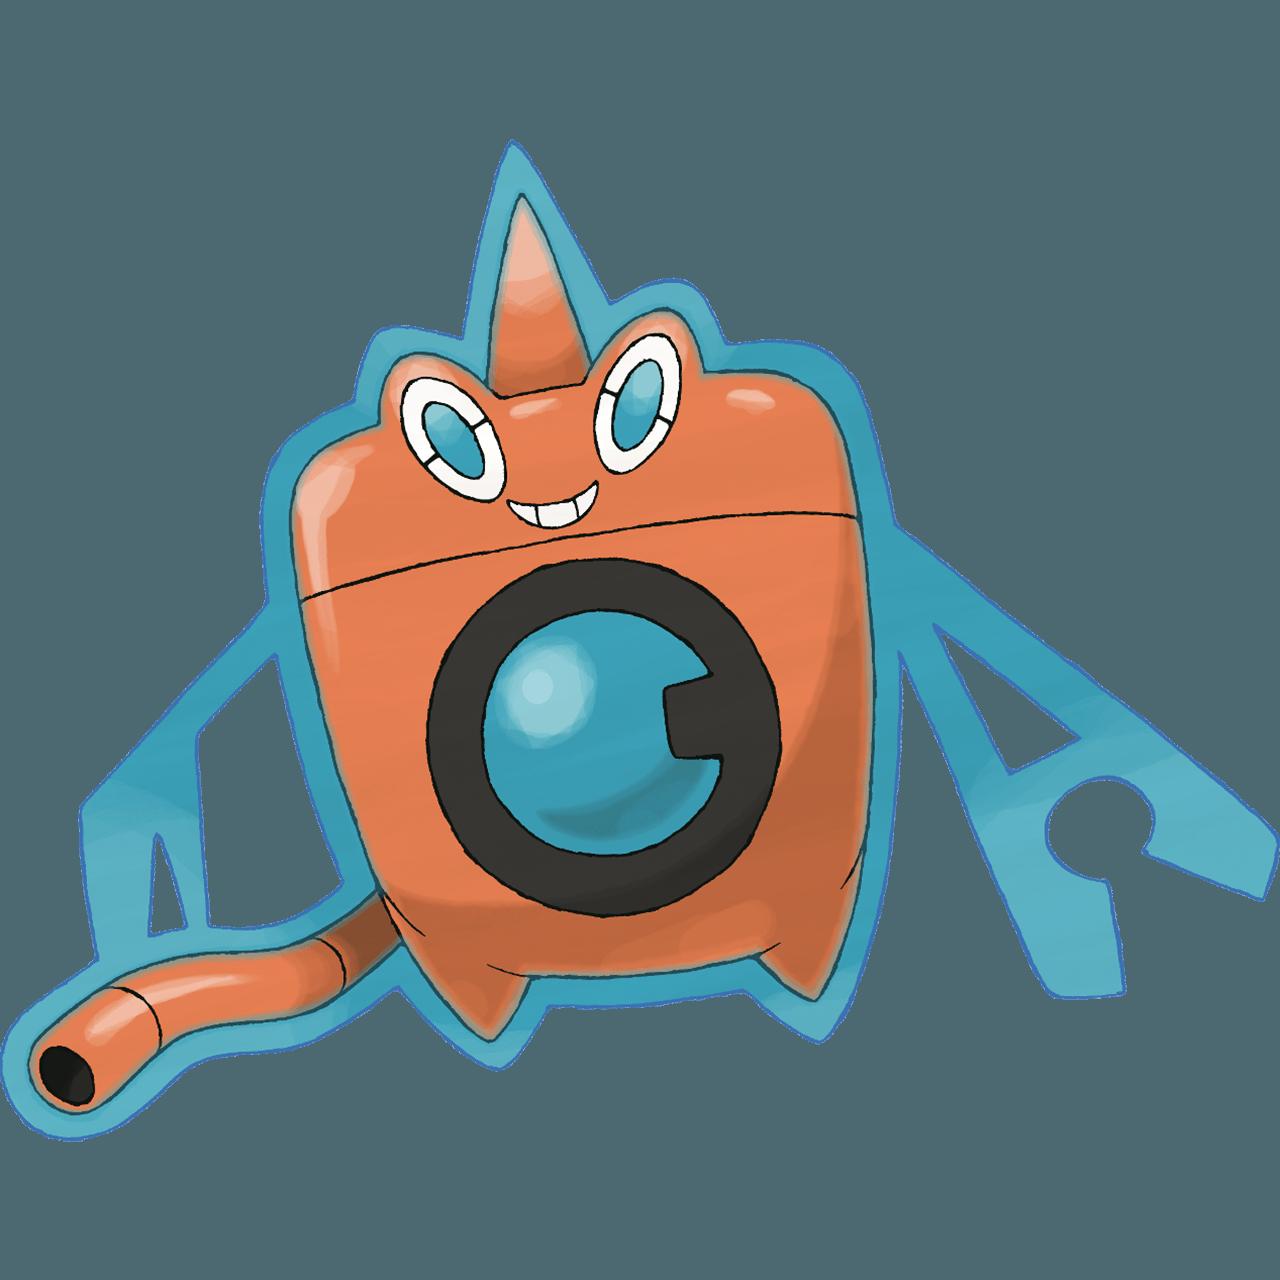 T12 Pokemon on Battle Spot Doubles.